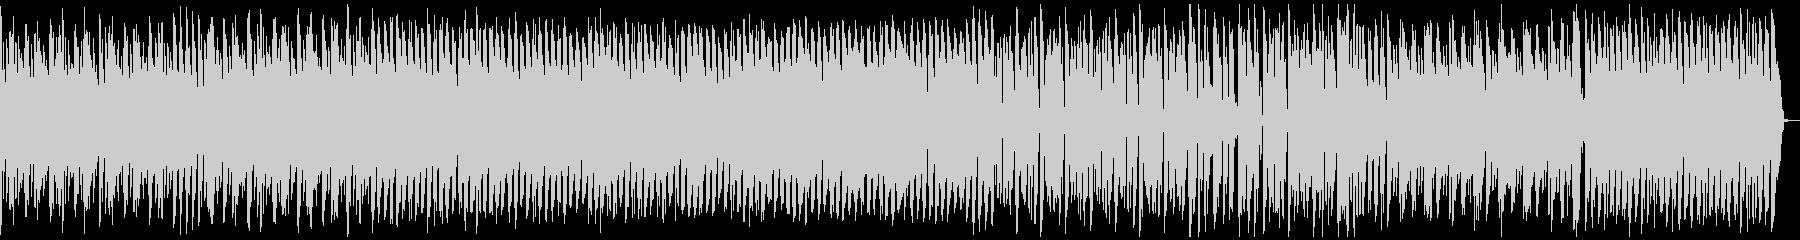 荒野を走るイメージのシンセリードBGMの未再生の波形